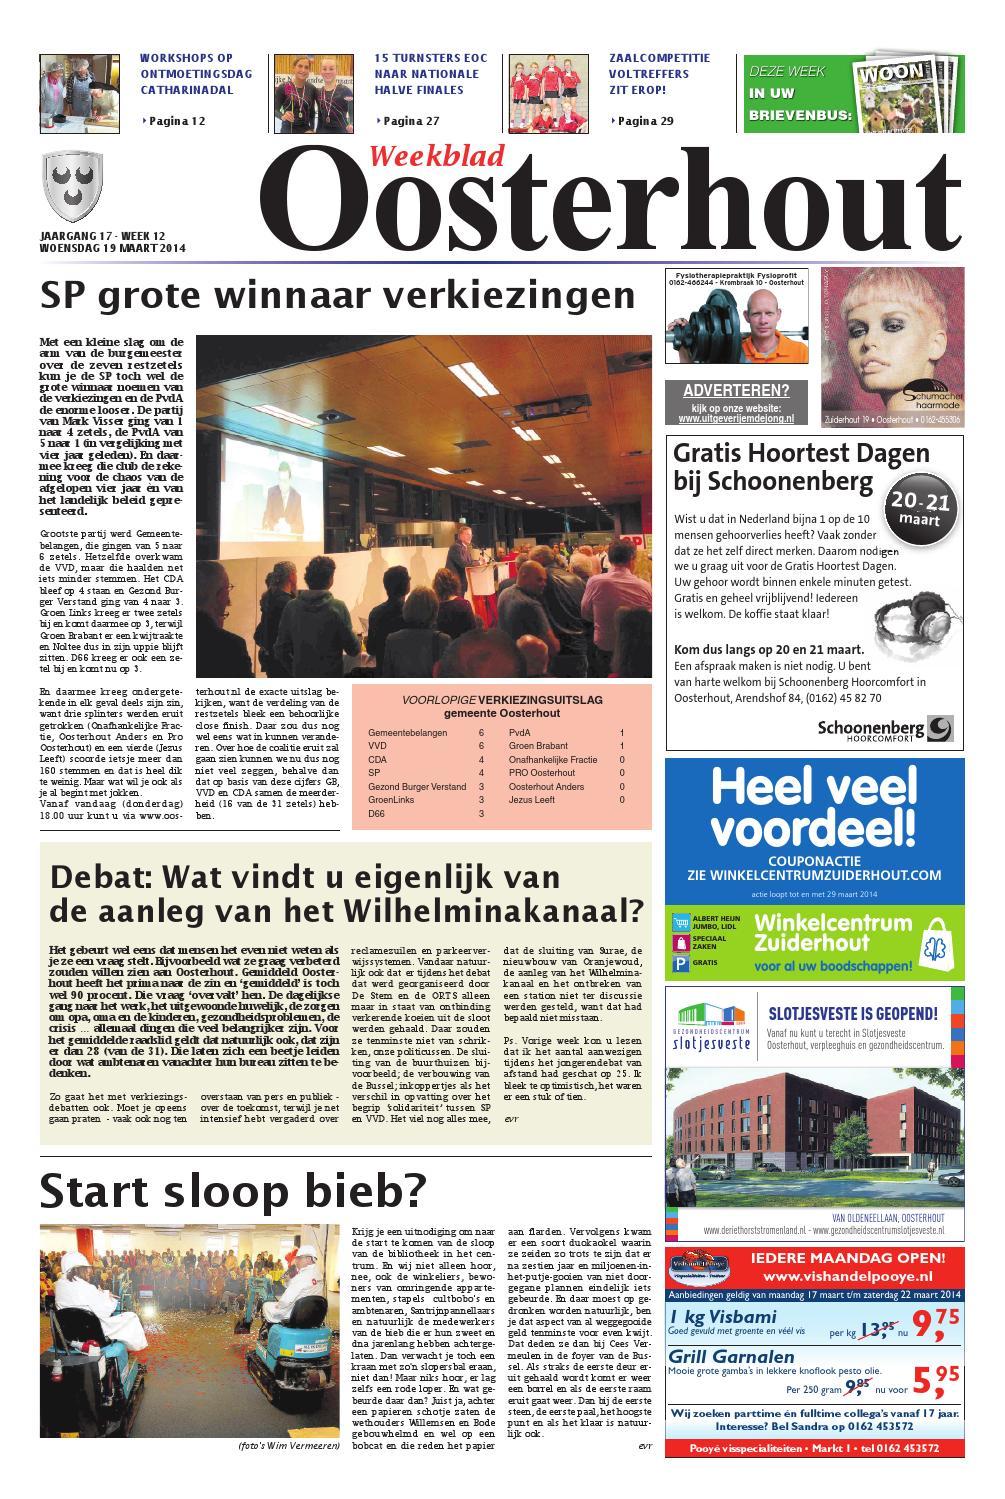 Weekblad oosterhout 19 03 2014 by uitgeverij em de jong for Nassau indus deur bv oosterhout